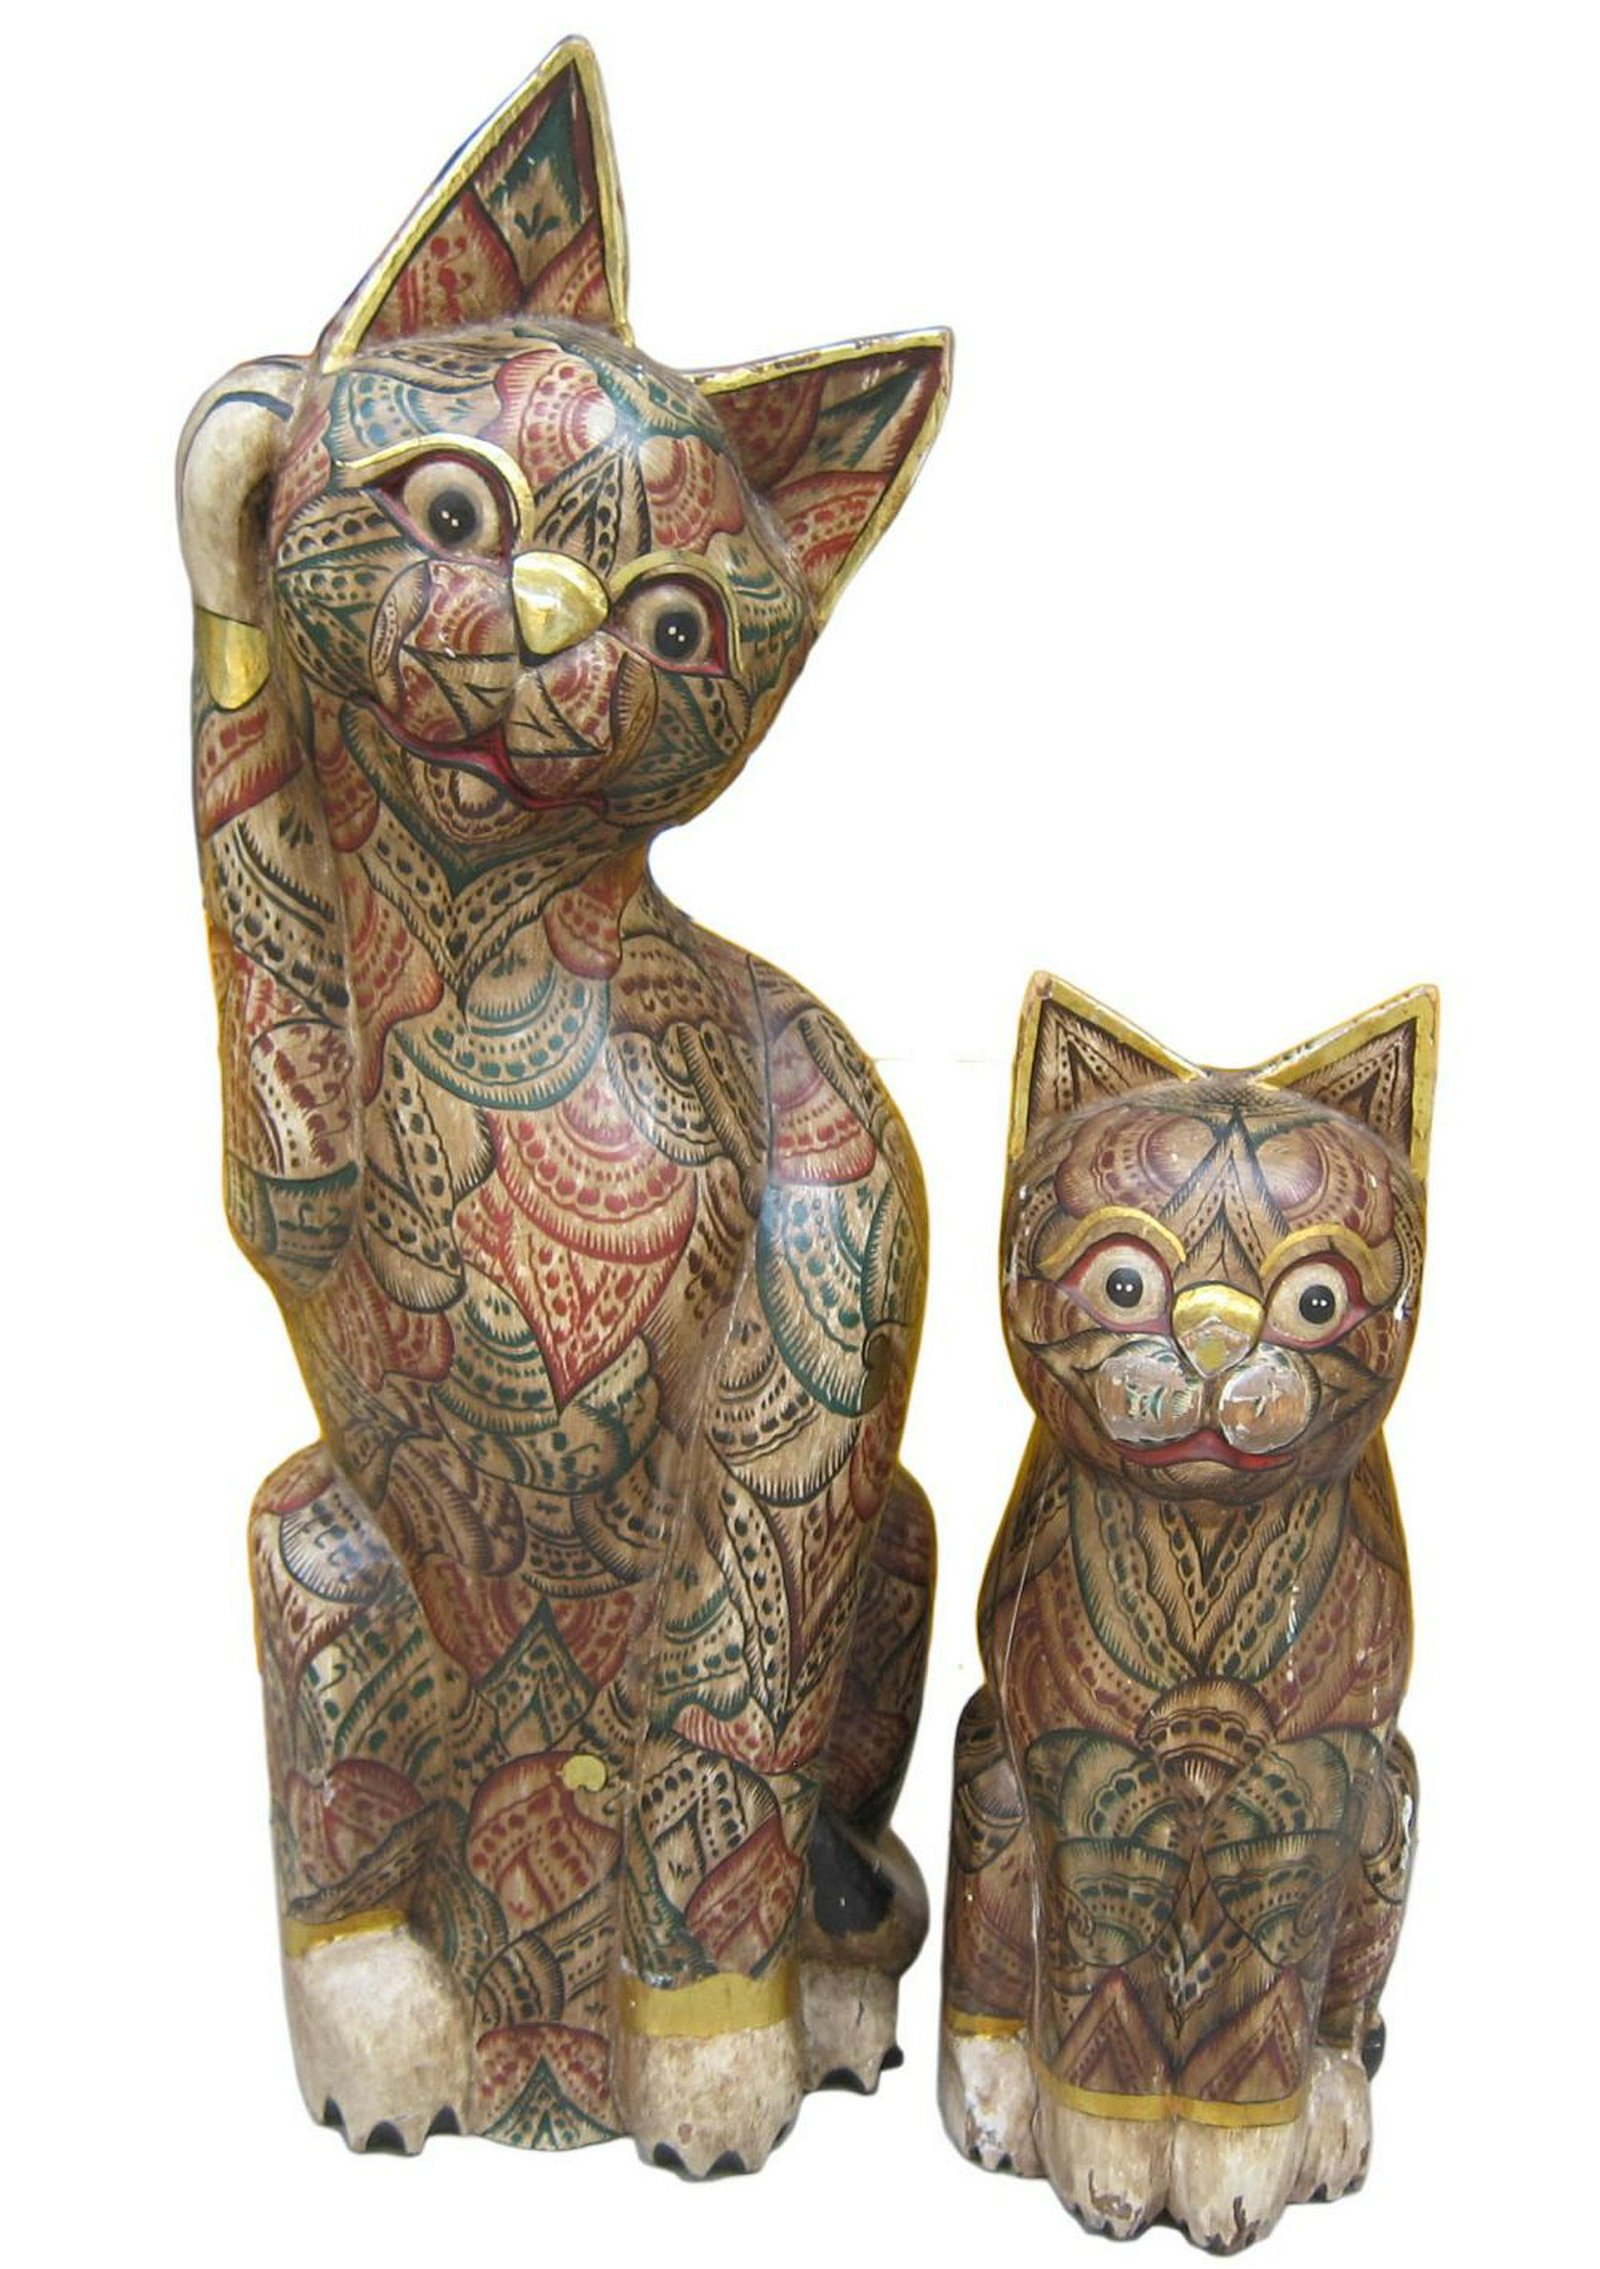 Lot of 2 wooden figures